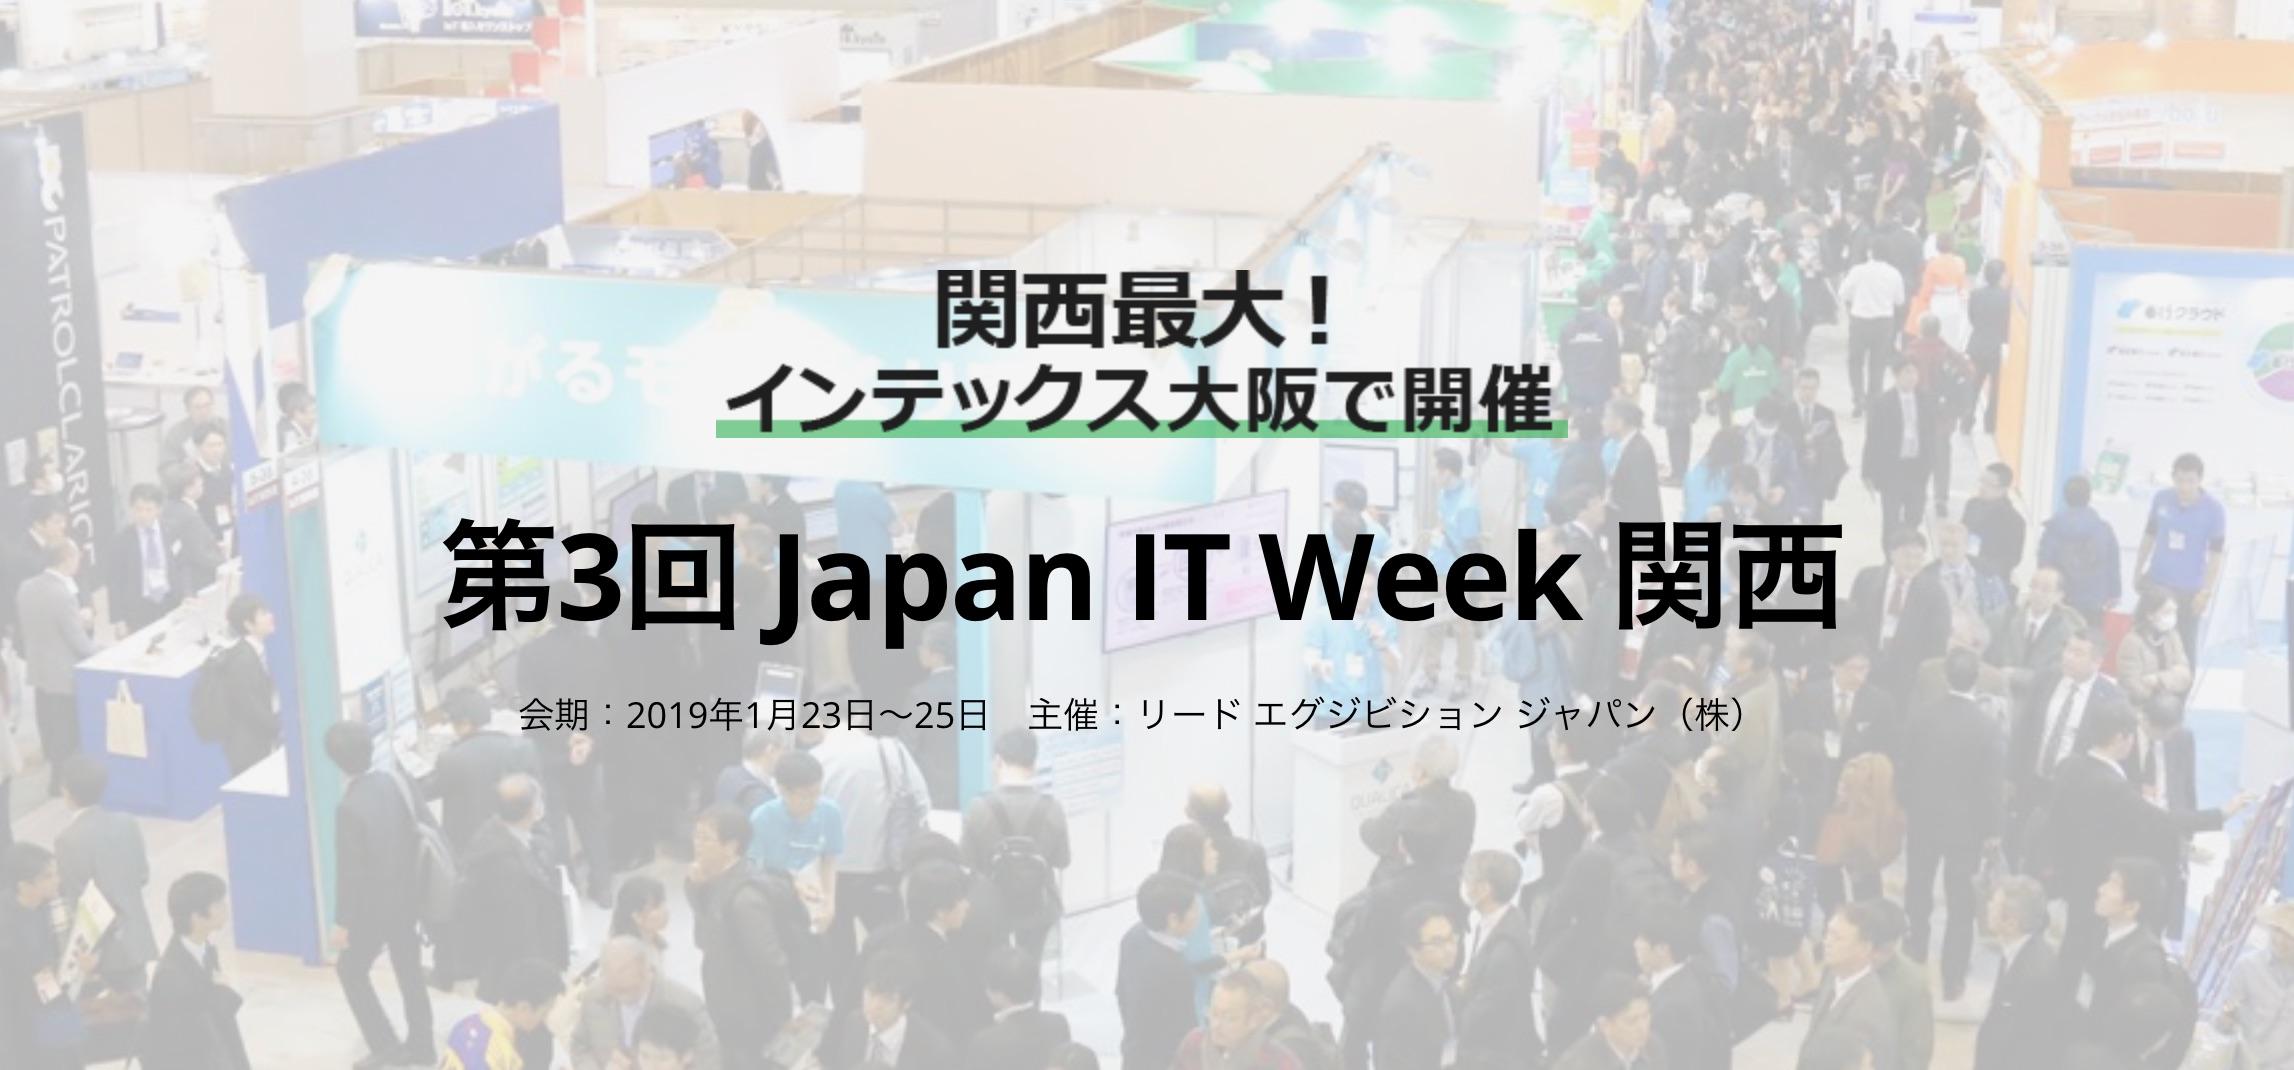 Japan IT Week 関西